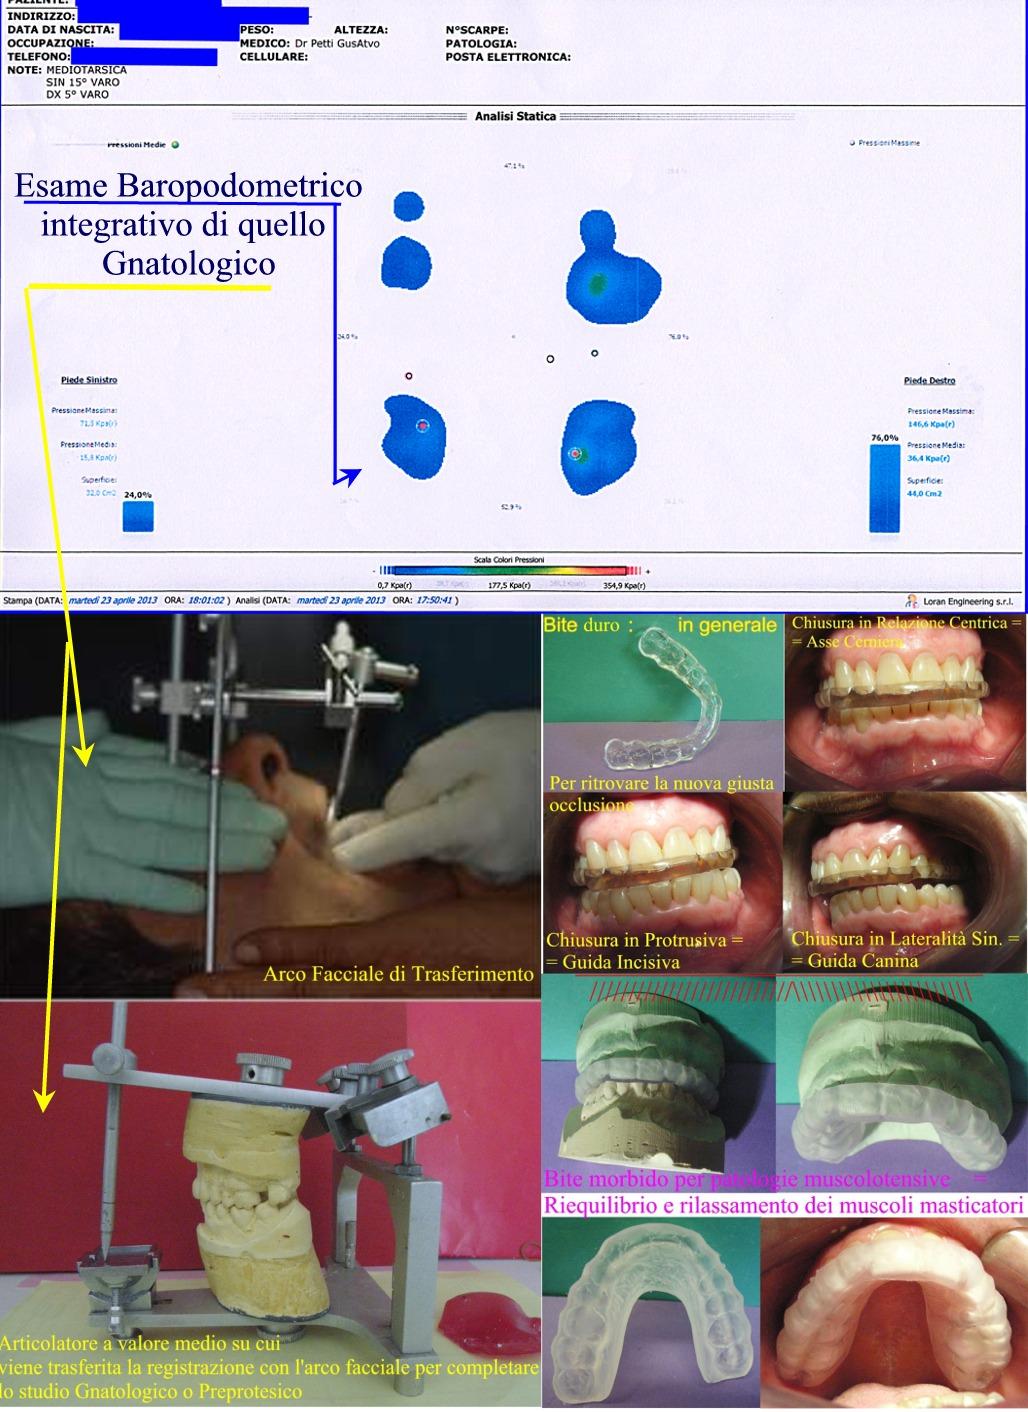 Arco Facciale, diversi tipi di bite e Esame Computerizzato Stabilometrico. Da casistica Dr. Gustavo Petti Parodontologo Gnatologo di Cagliari